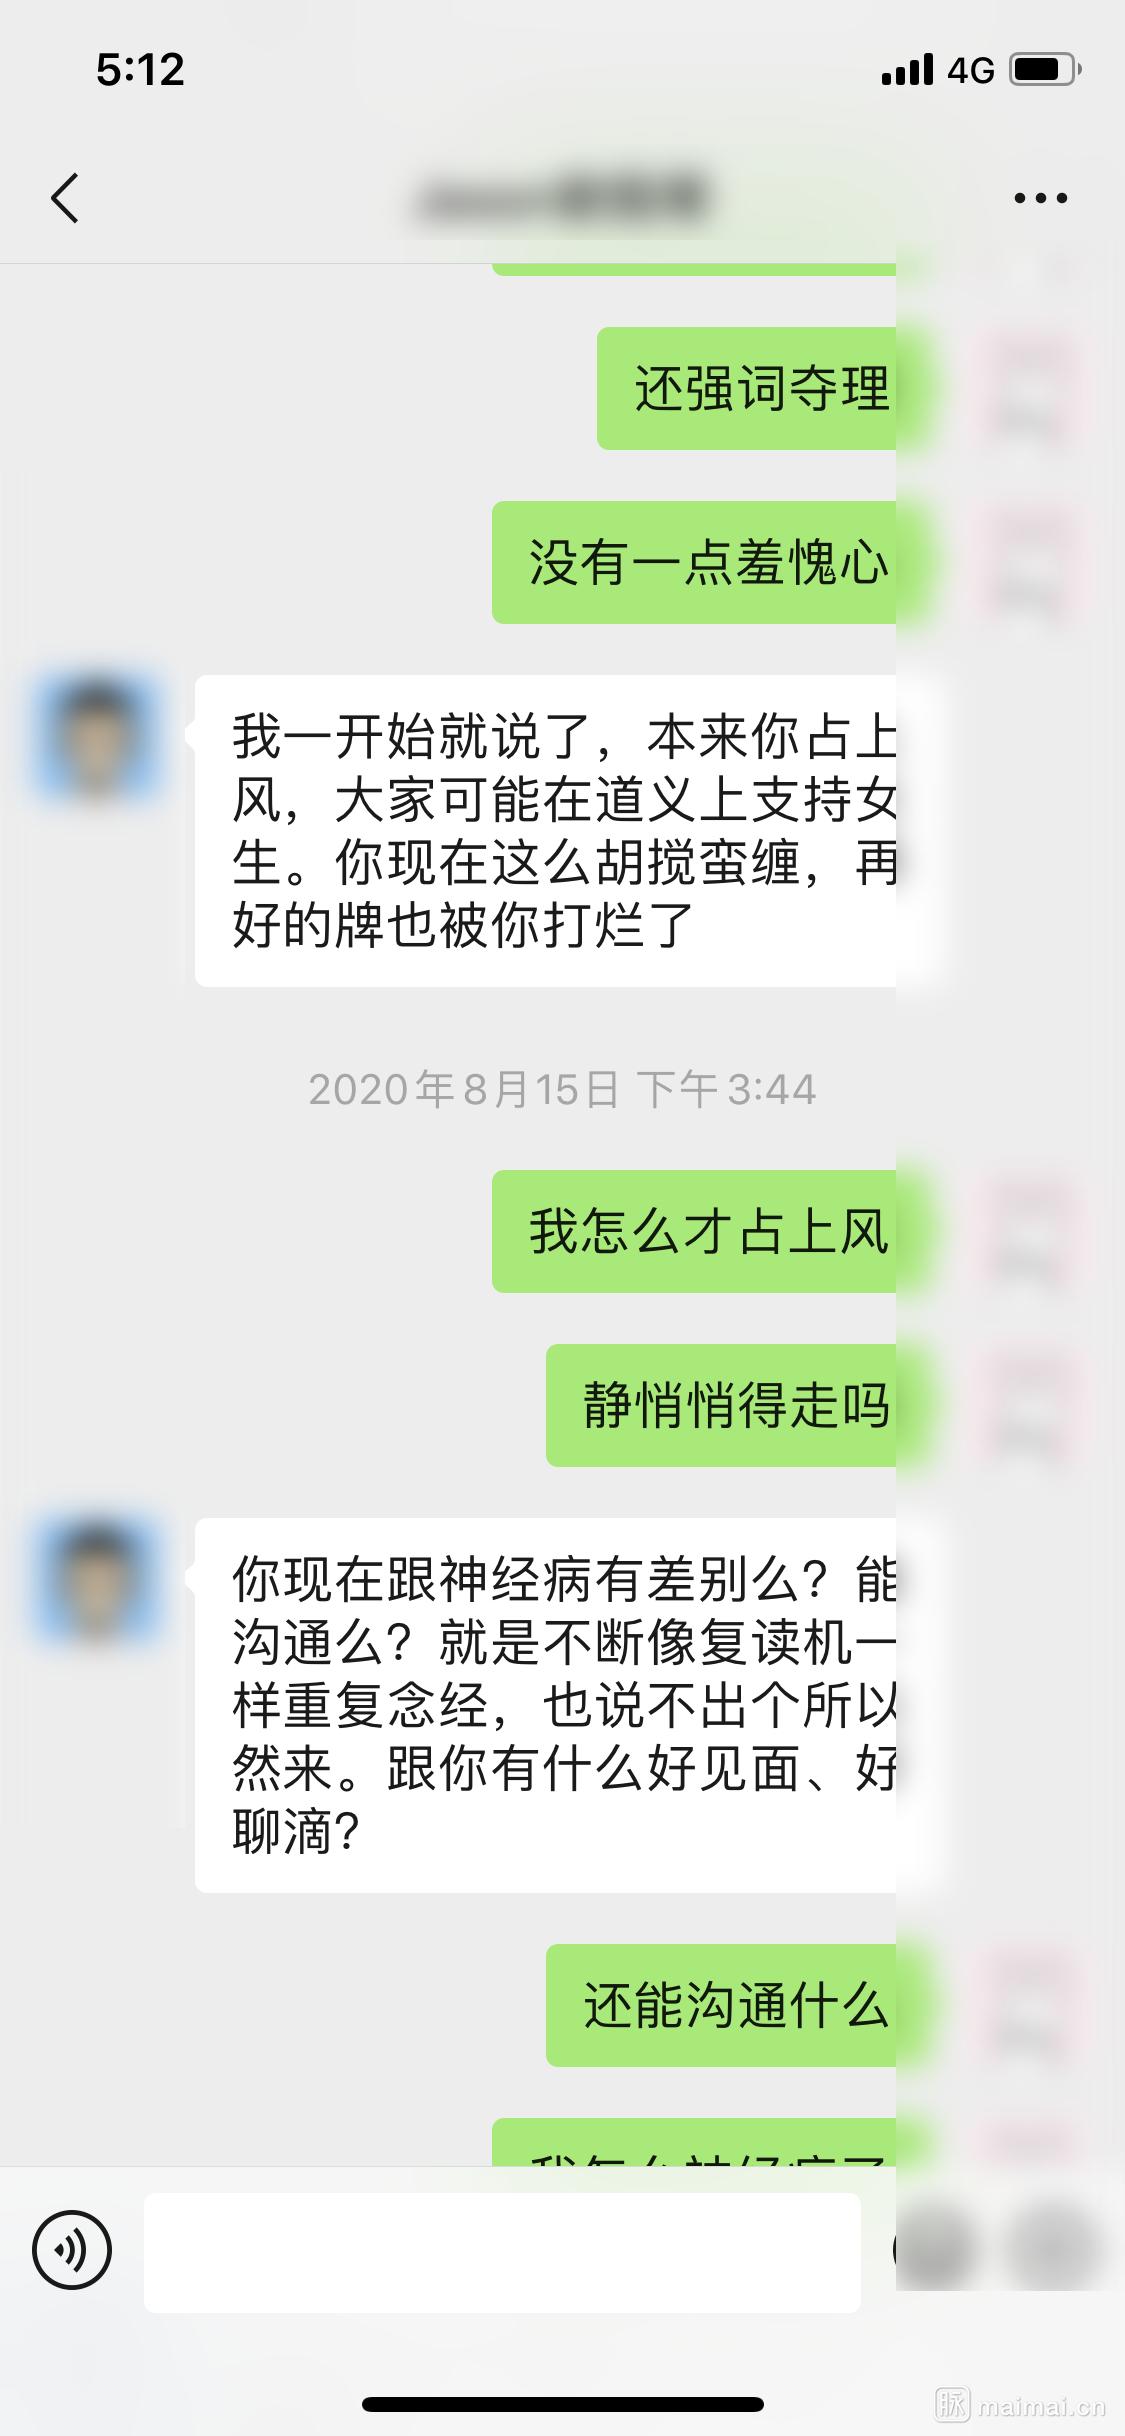 #腾讯渣男腾讯ieg渣男 湖北人 坑人骗色骗感情骗钱还怕…插图(2)